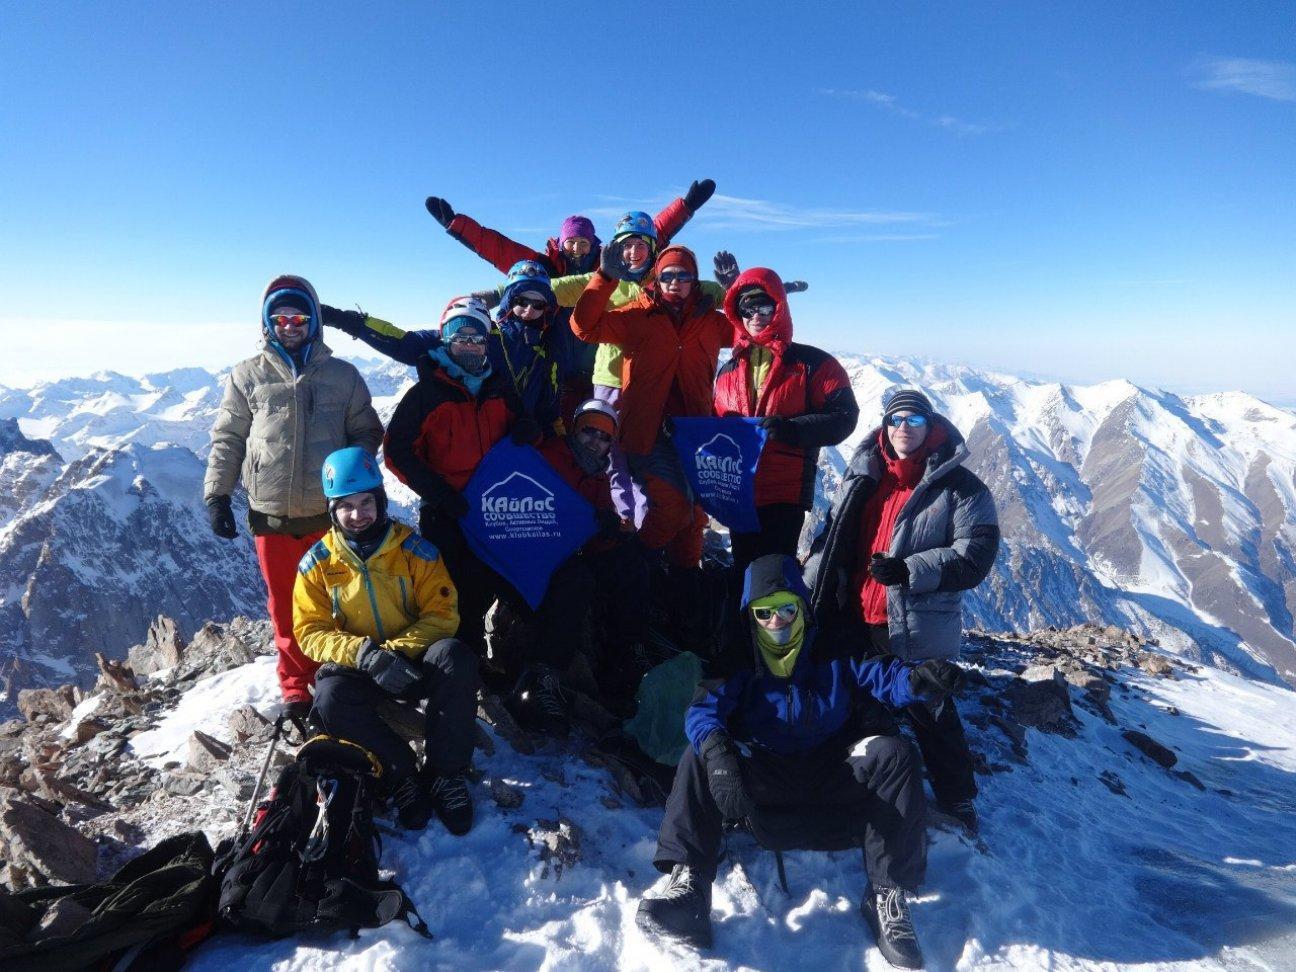 Группа альпинистов высоко на вершине горы